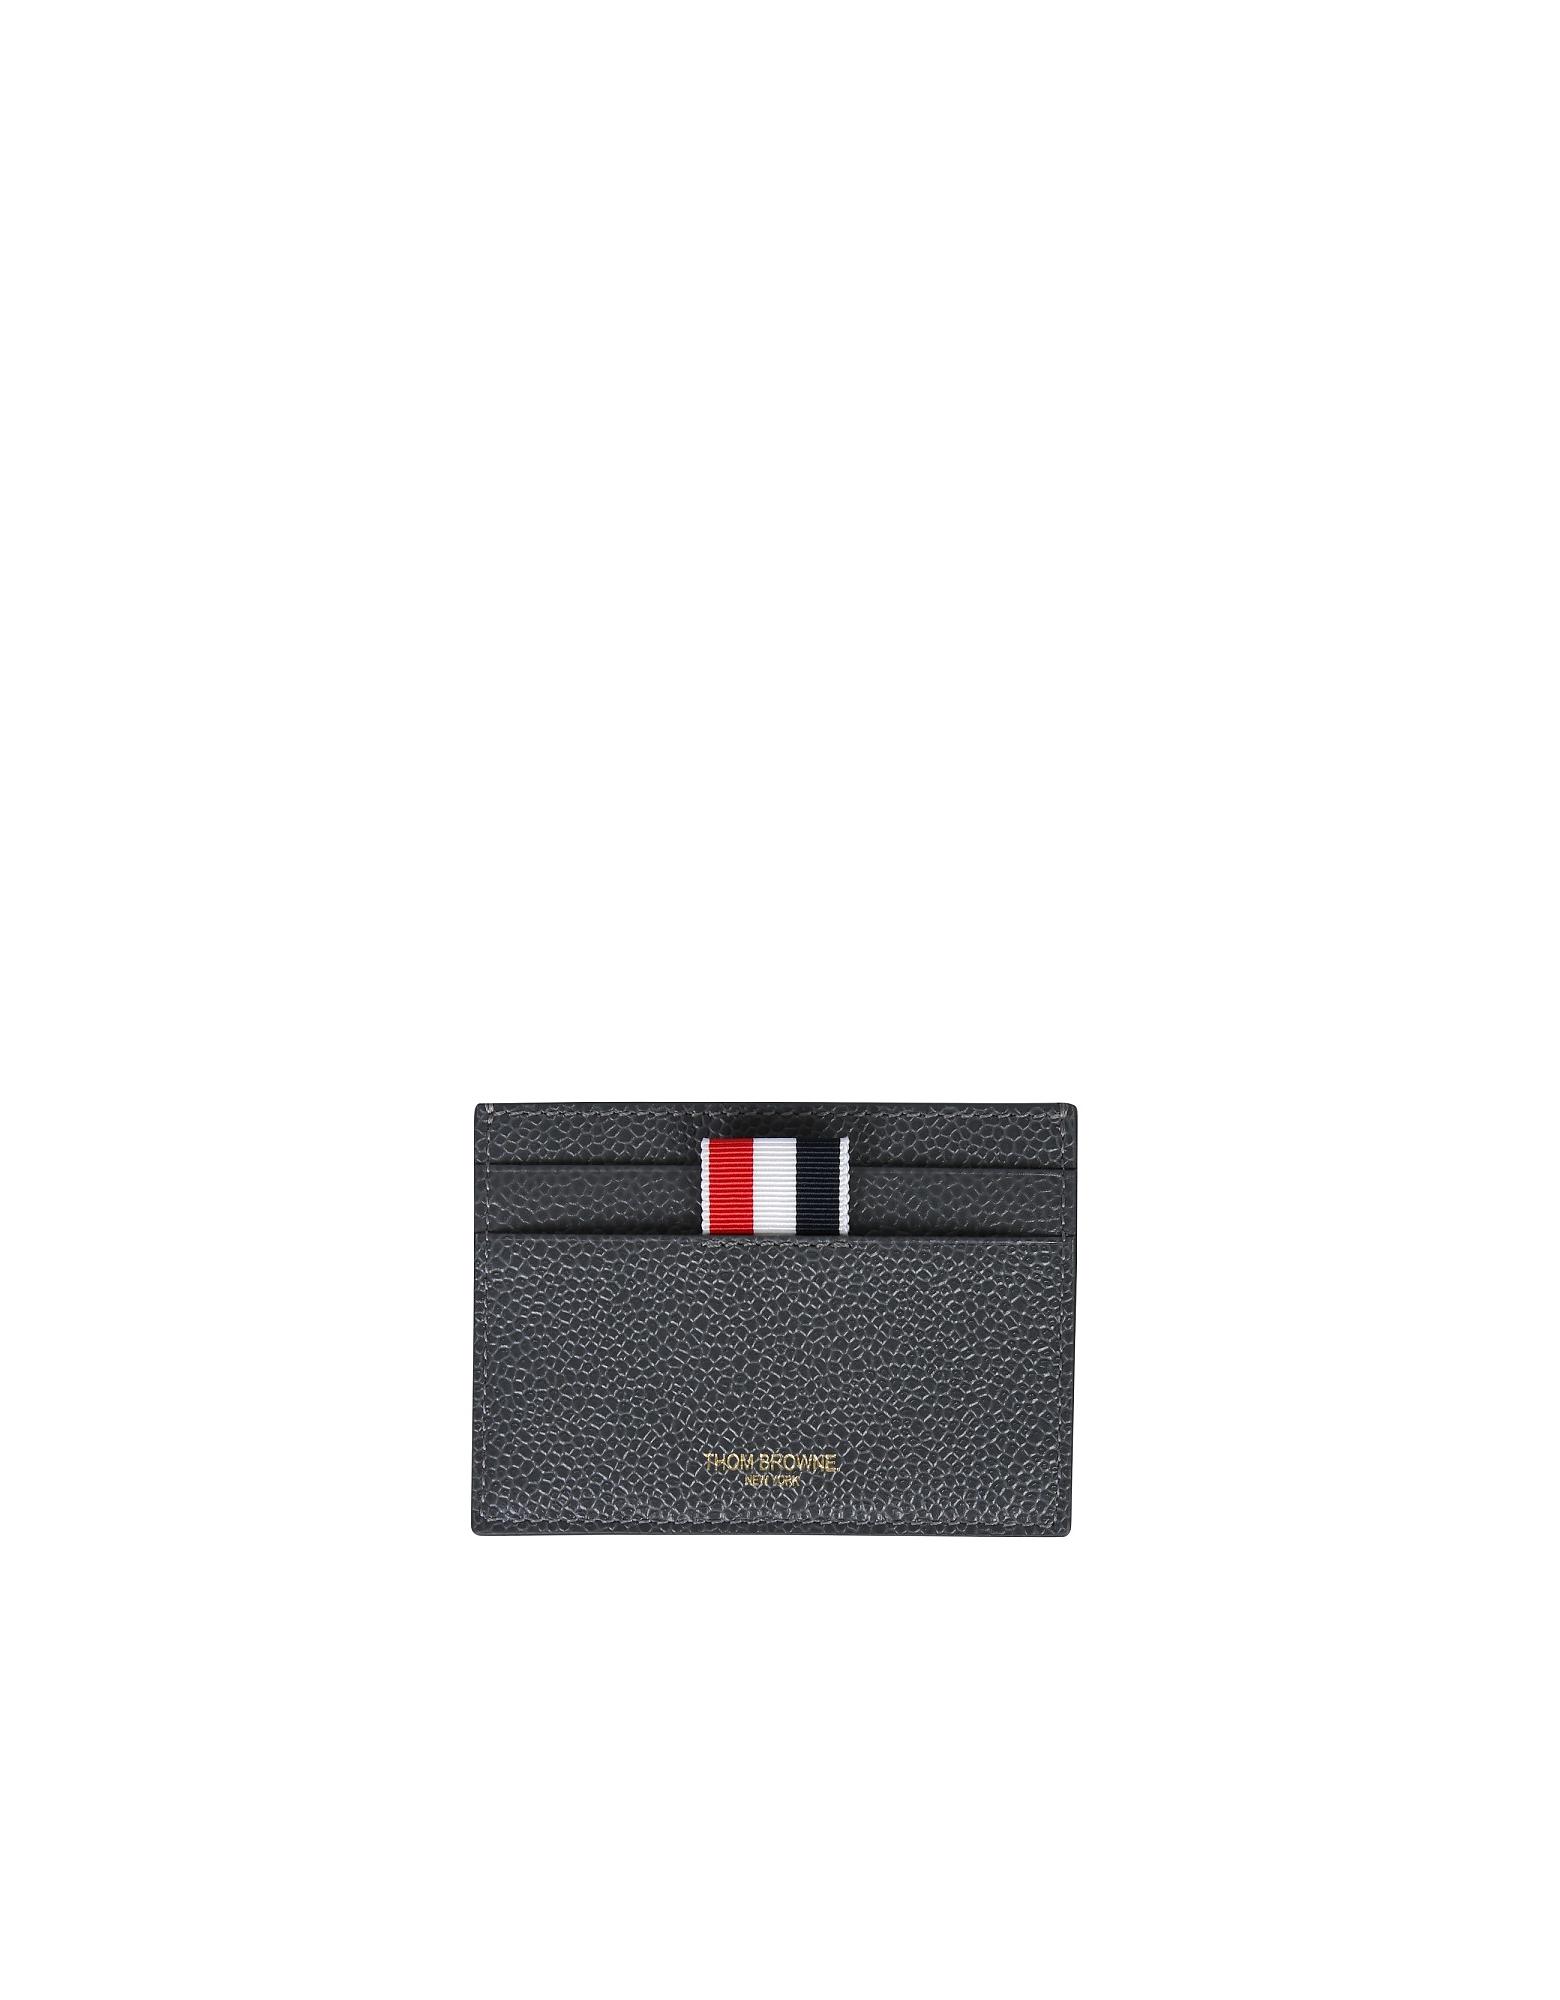 Thom Browne Designer Wallets, Card Holder With Logo